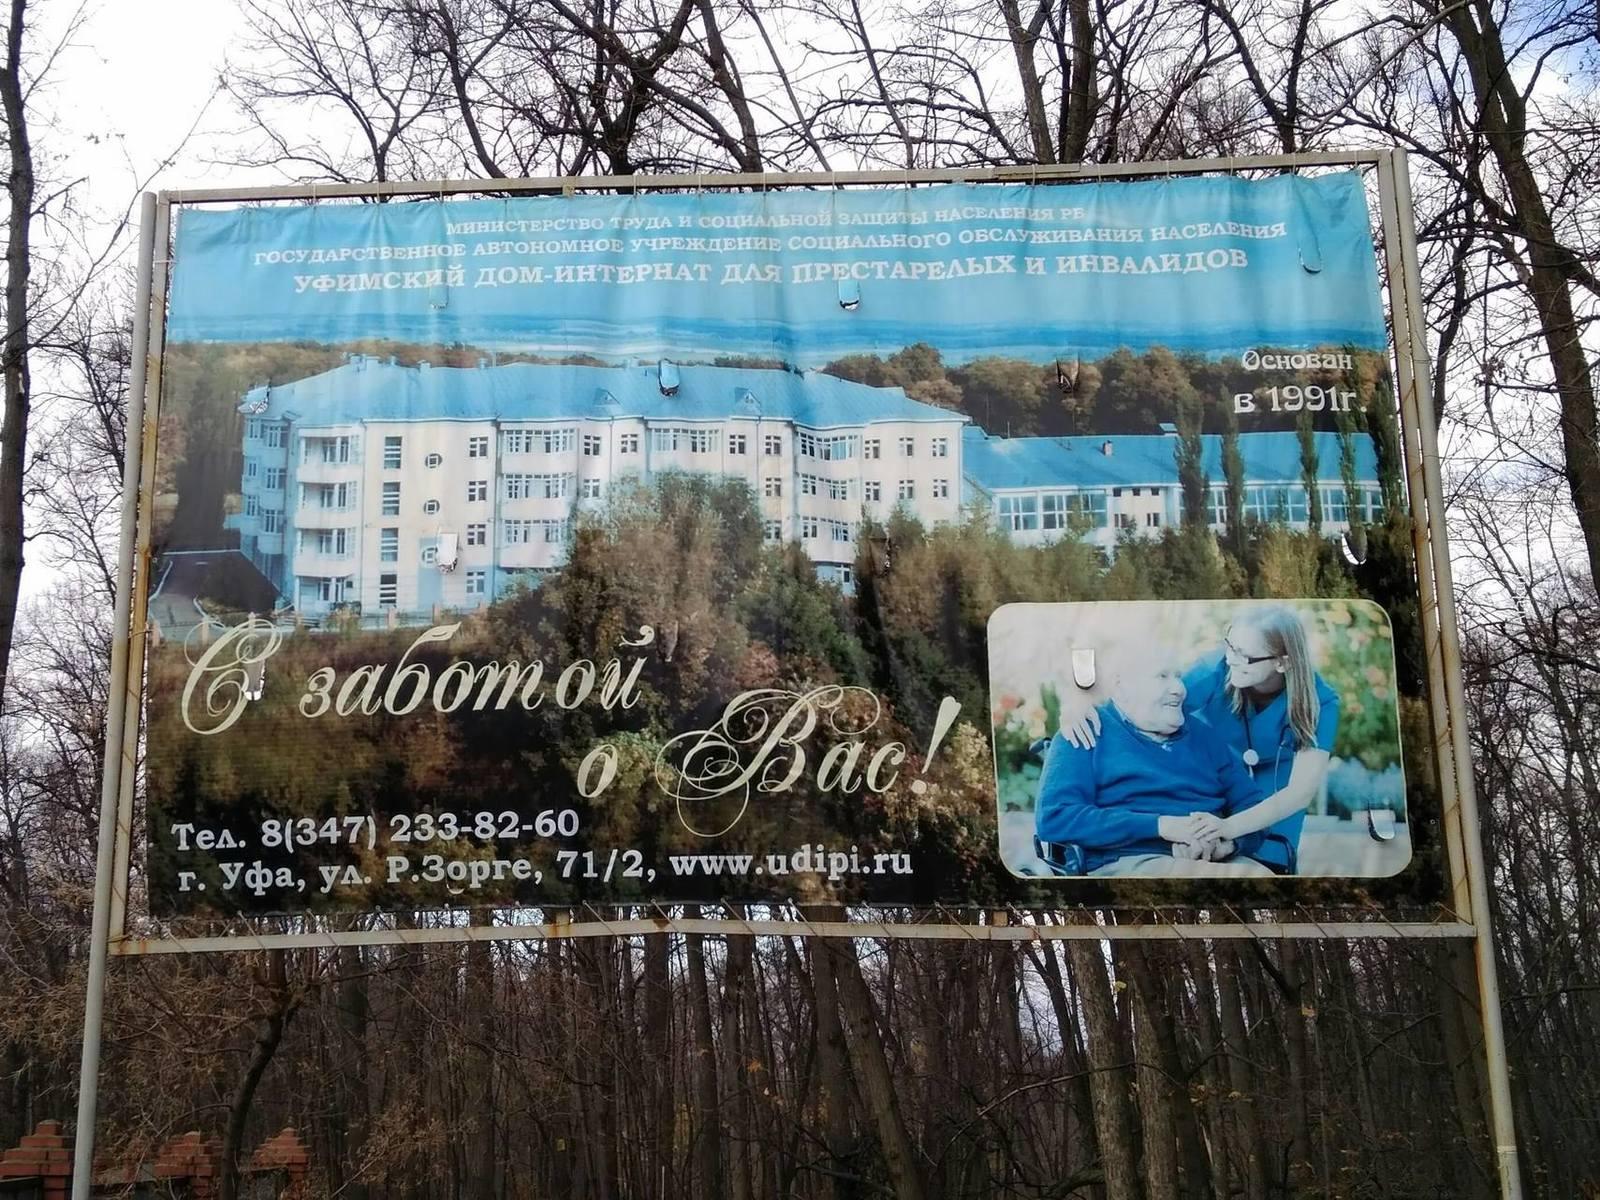 Распорядок дня в домах интернатах для престарелых пансионат для инвалидов в хабаровске